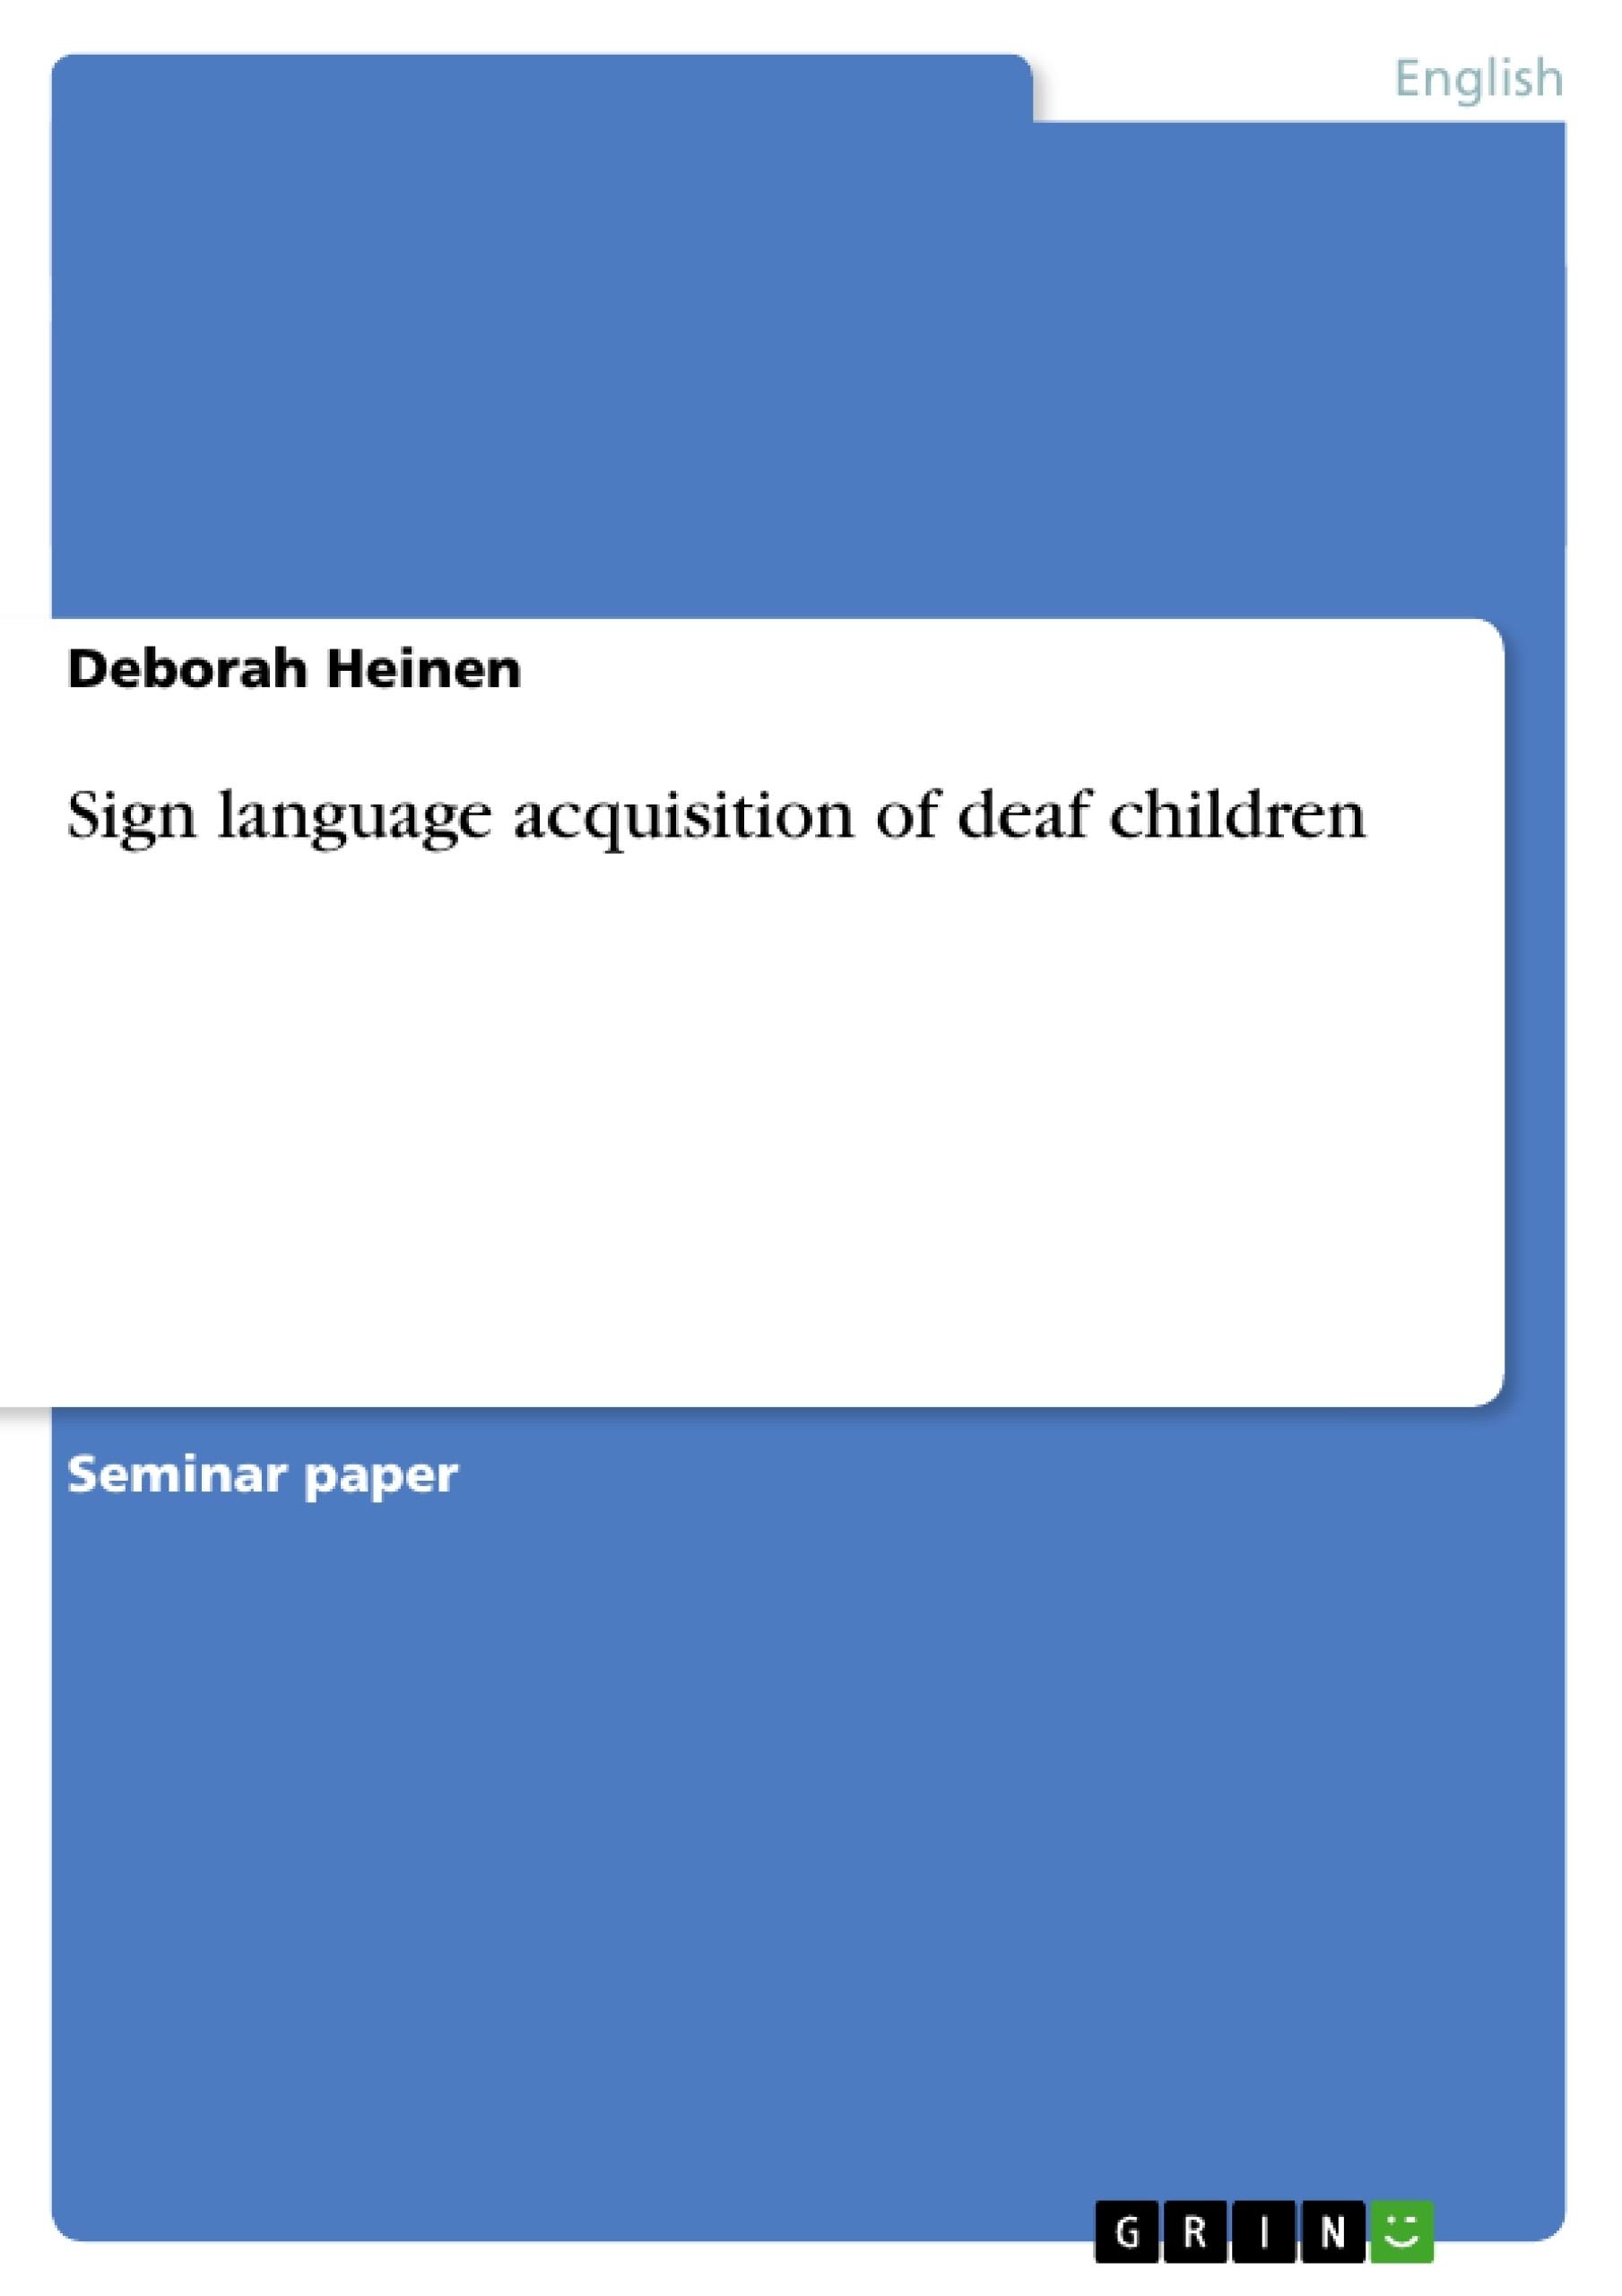 Title: Sign language acquisition of deaf children